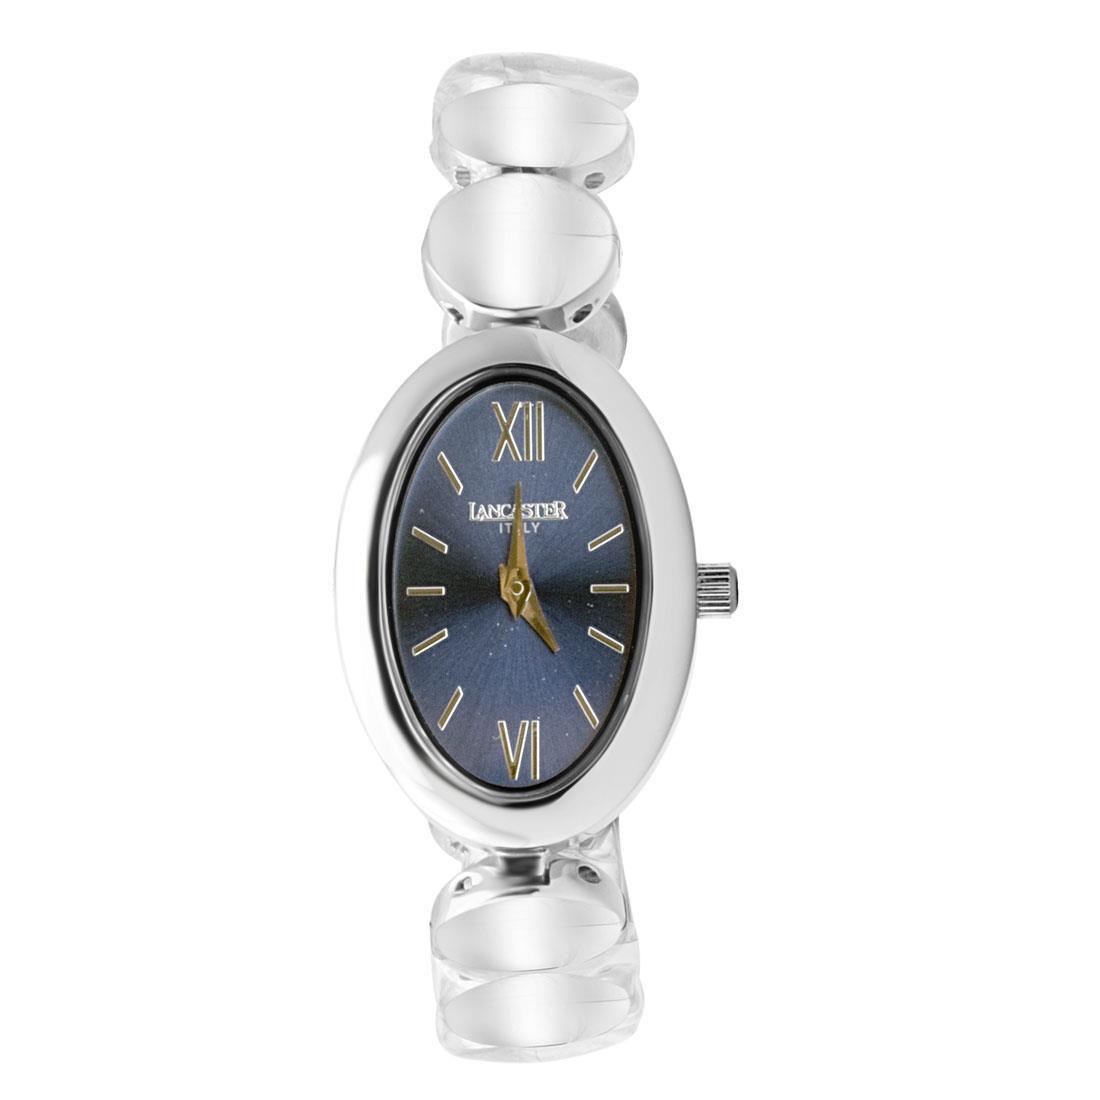 Orologio donna con  cassa ovale - LANCASTER